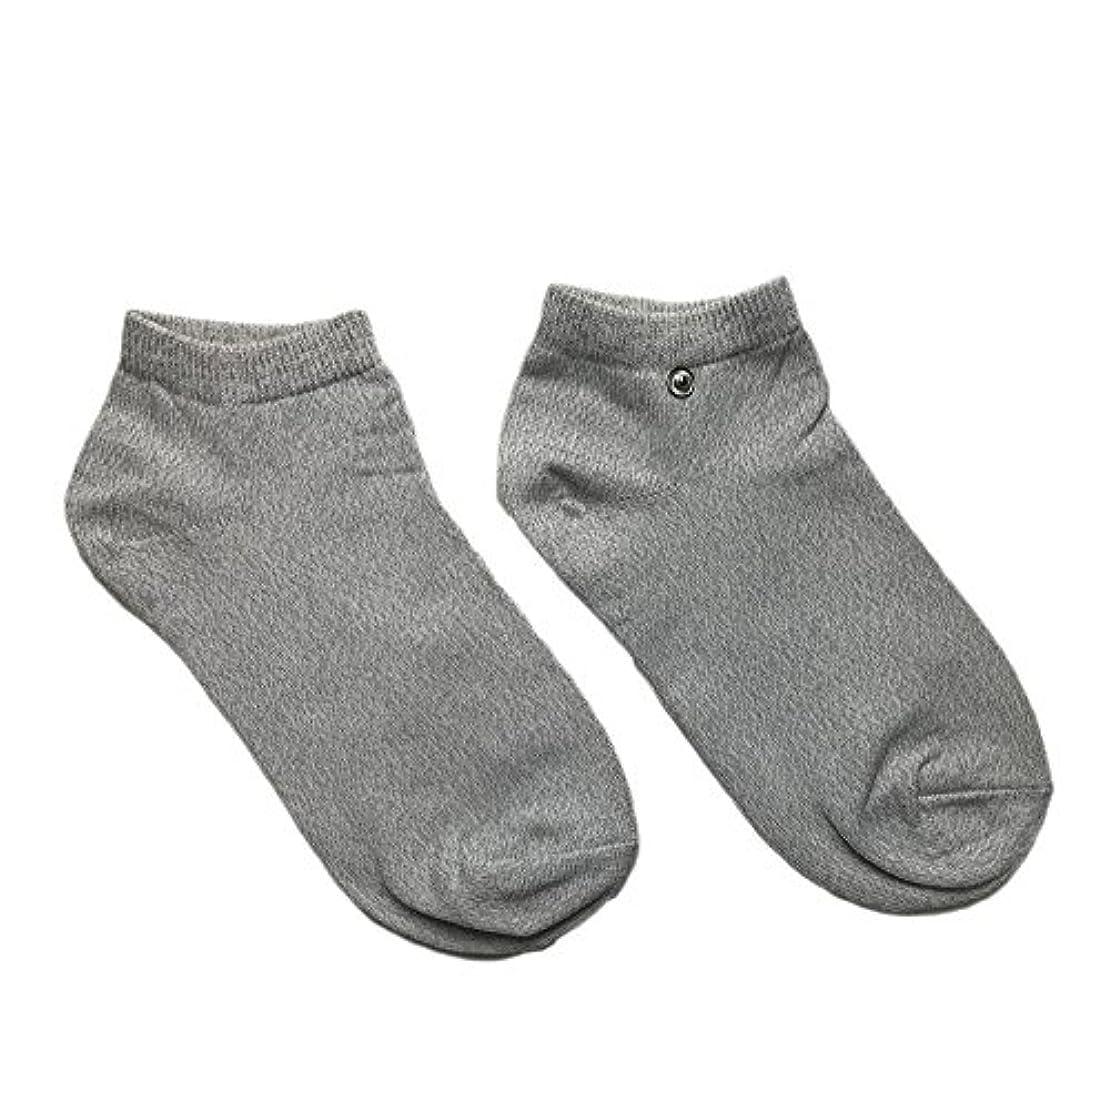 銛学校の先生グレートバリアリーフriraku-life(??????) 大地と繋がるアーシング健康法用 アーシングソックス(low) 導電性靴下 (M)